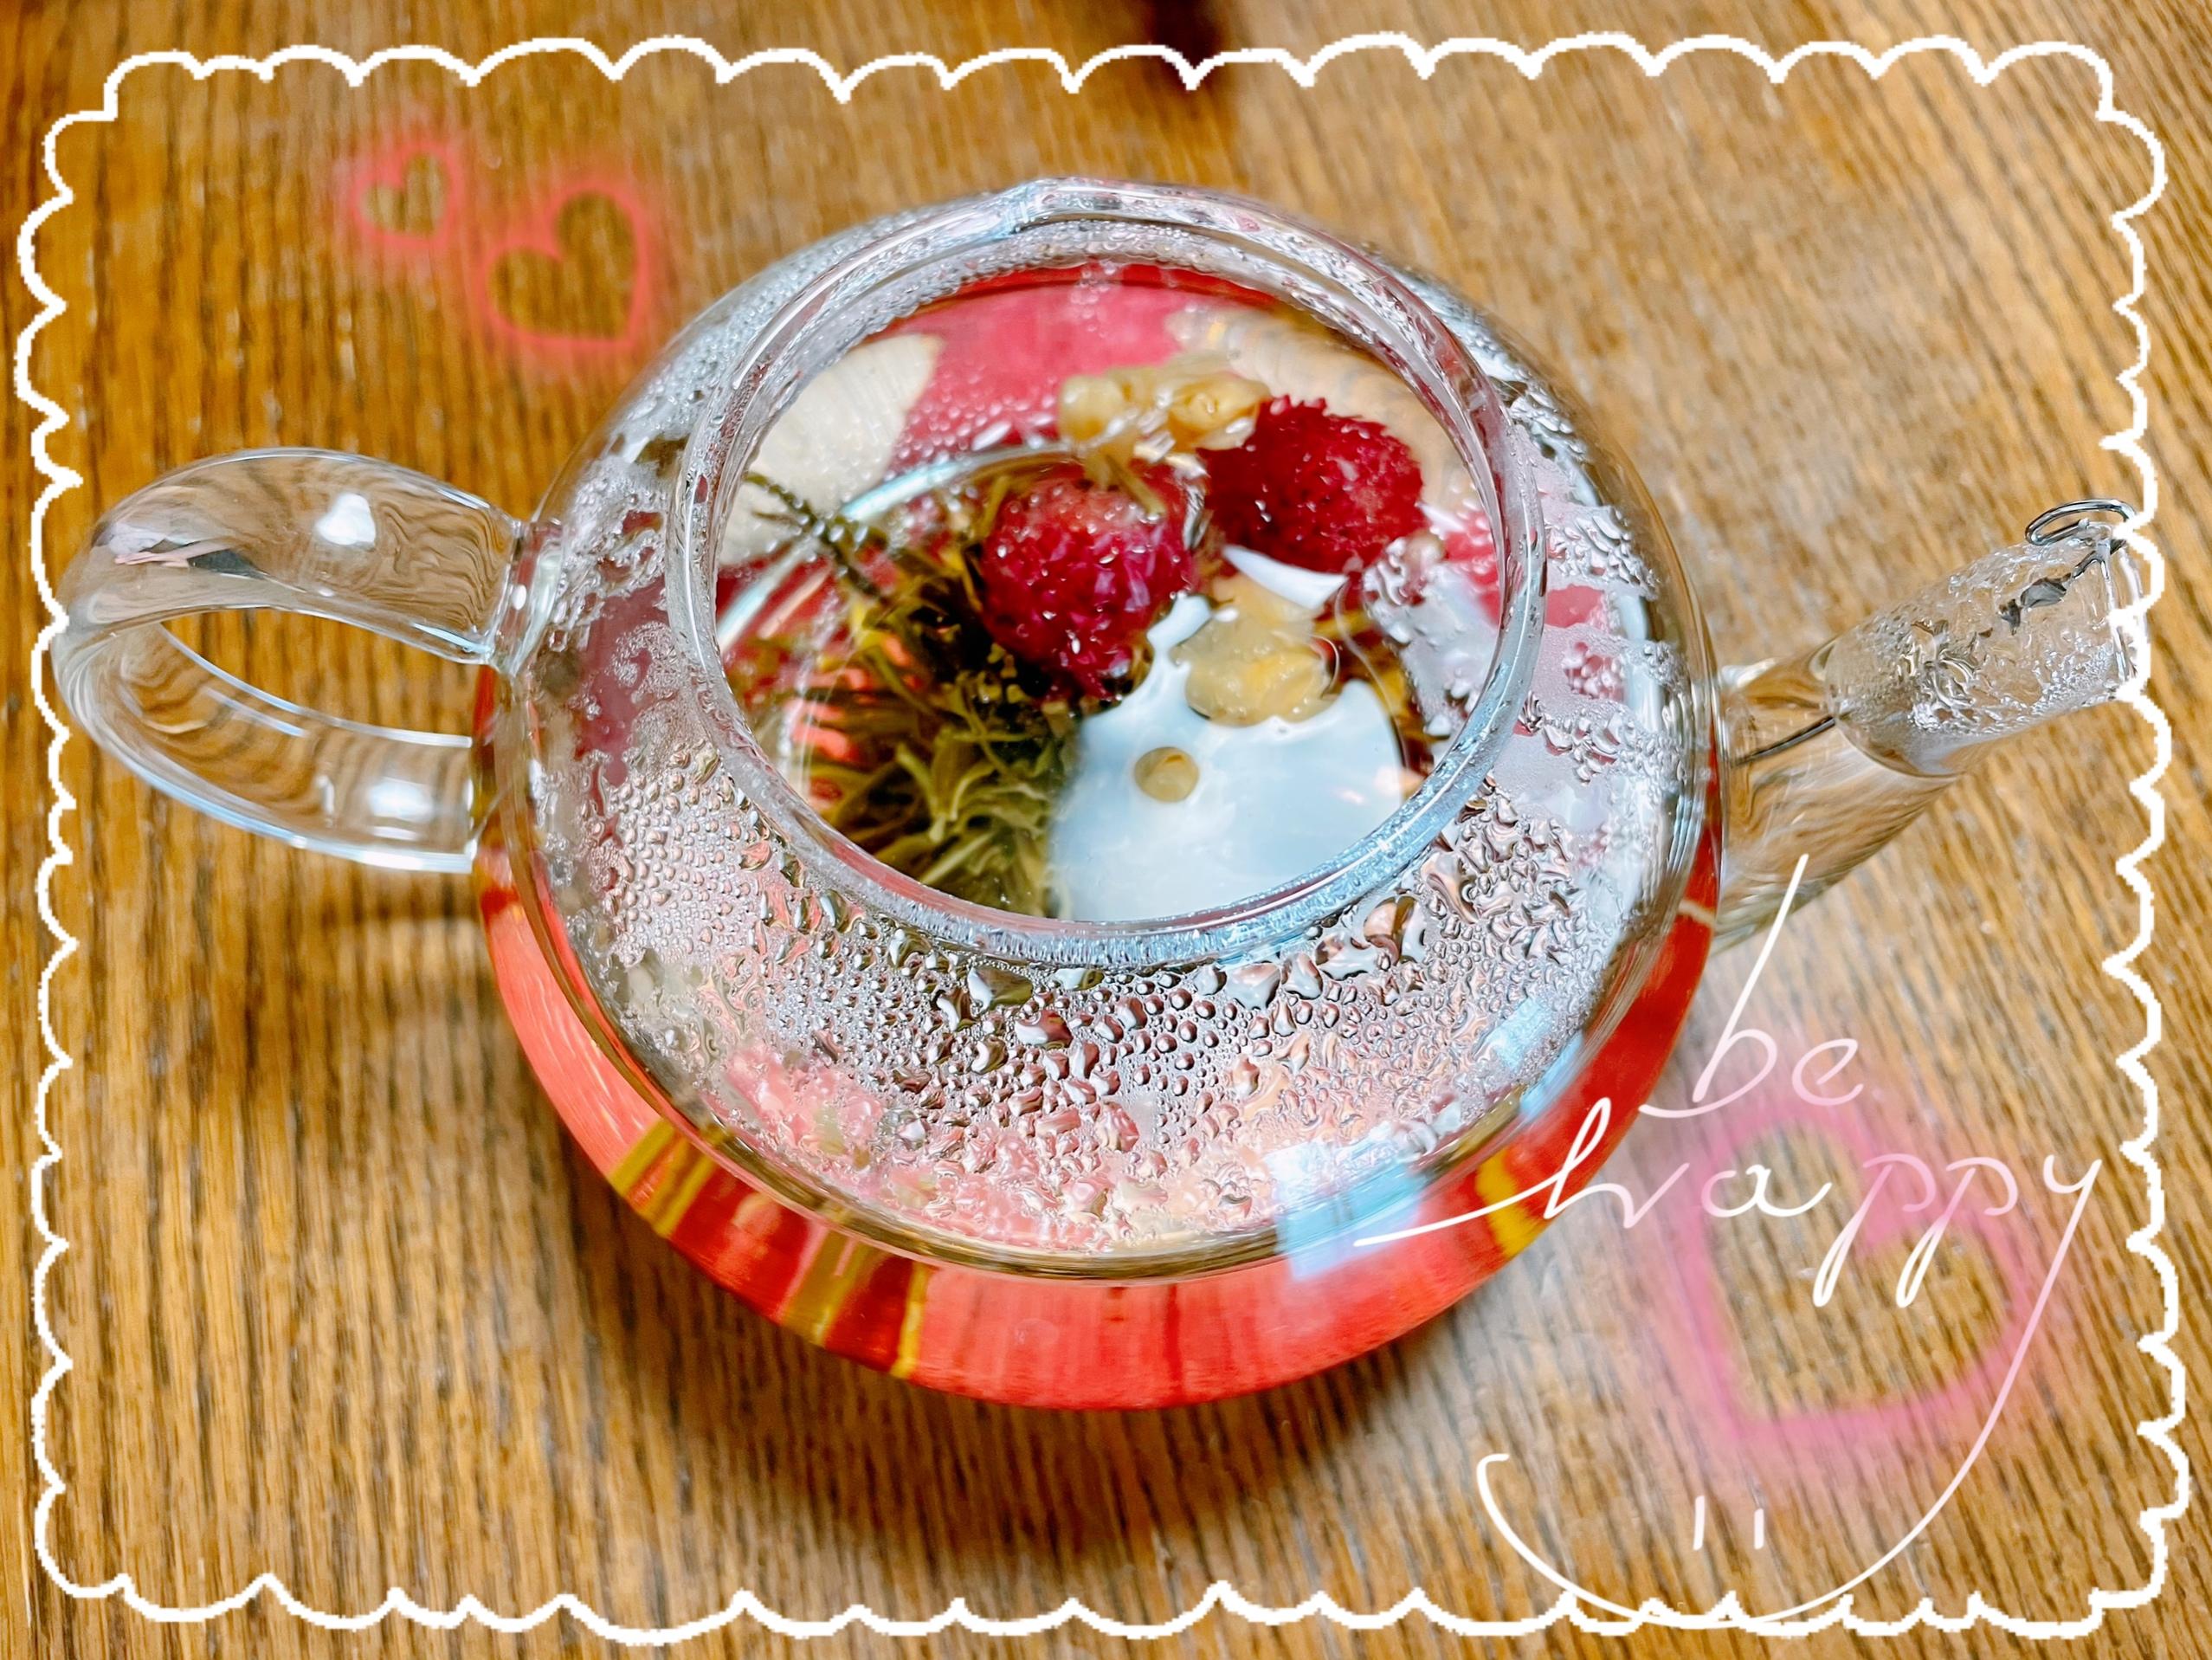 工芸茶にお湯を注いだ写真。ポットの中で花が広がっている